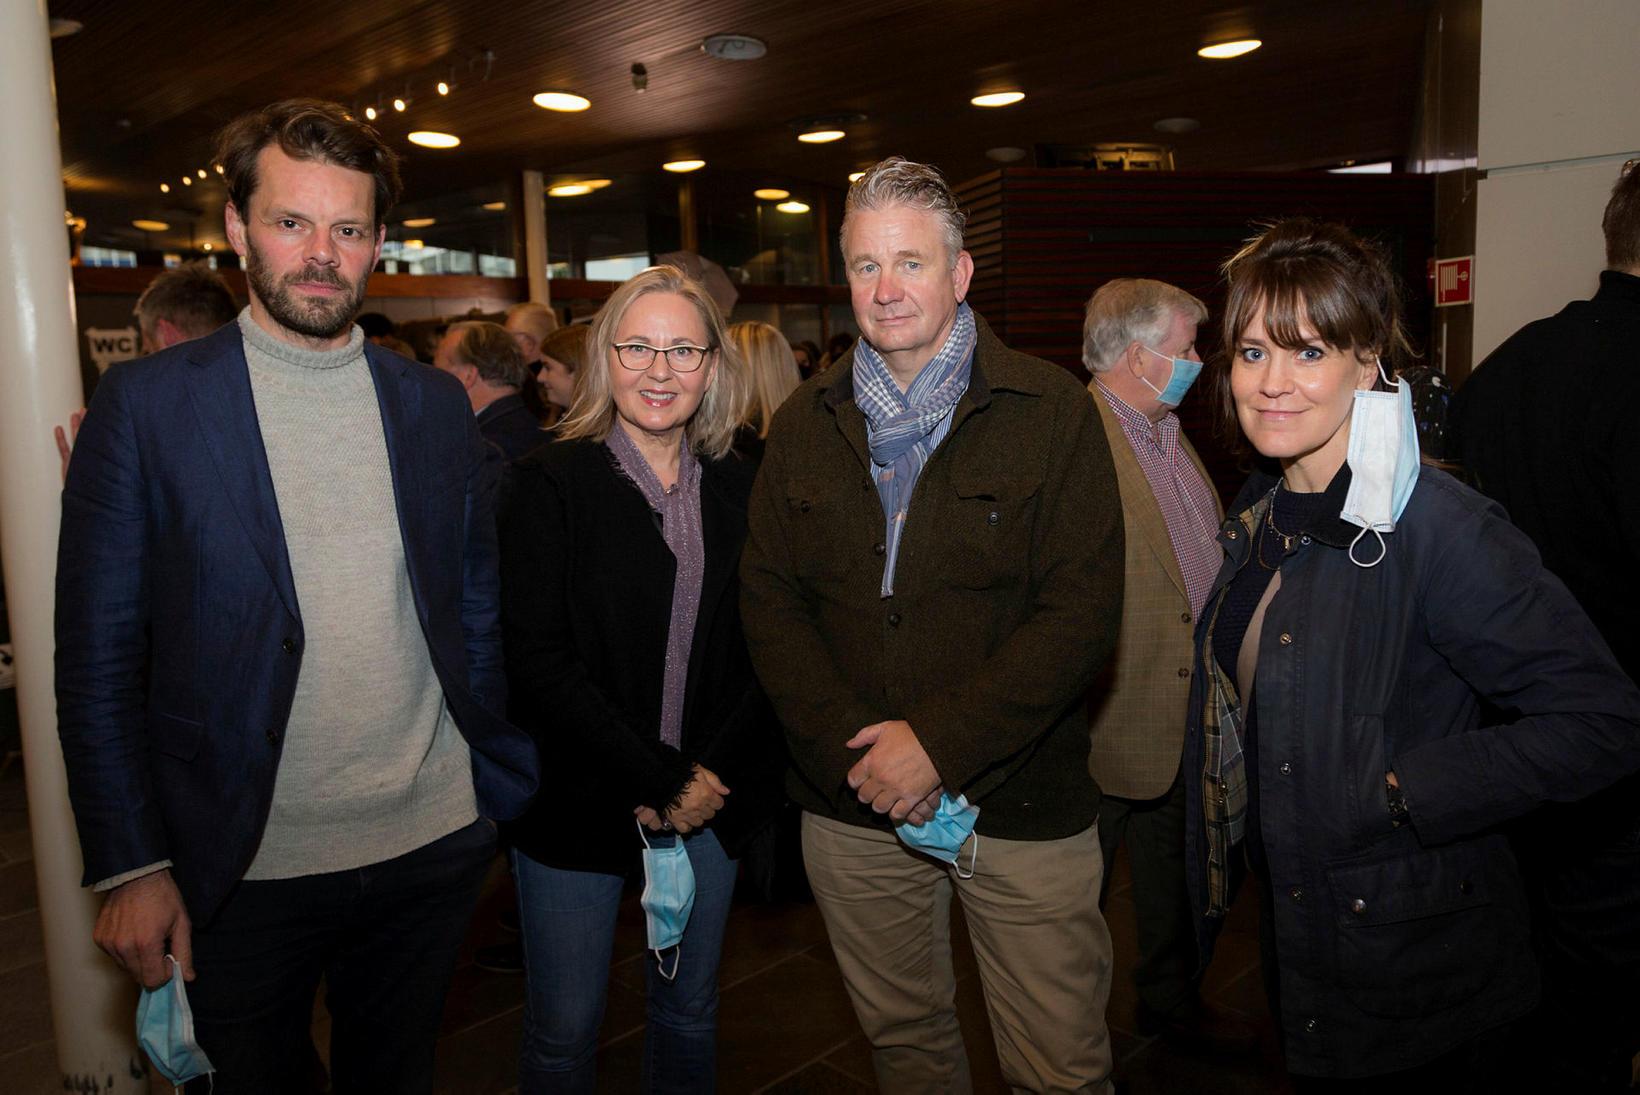 Björn Thors, Karen Þórólfsdóttir, Hilmar Jónsson og Unnur Ösp Stefánsdóttir.